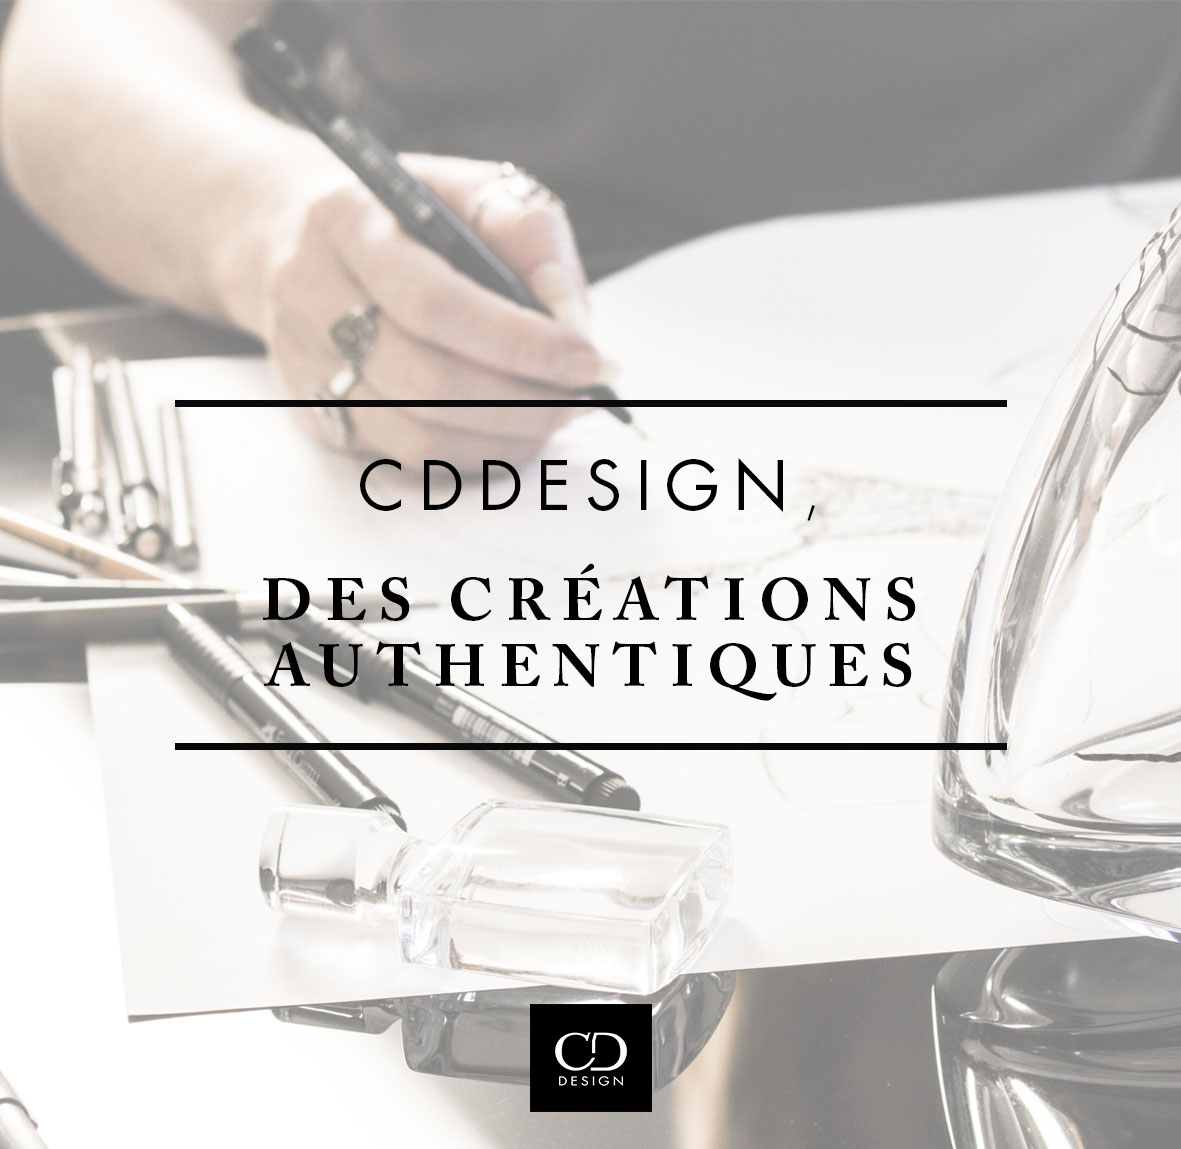 CDDESIGN, des créations authentiques